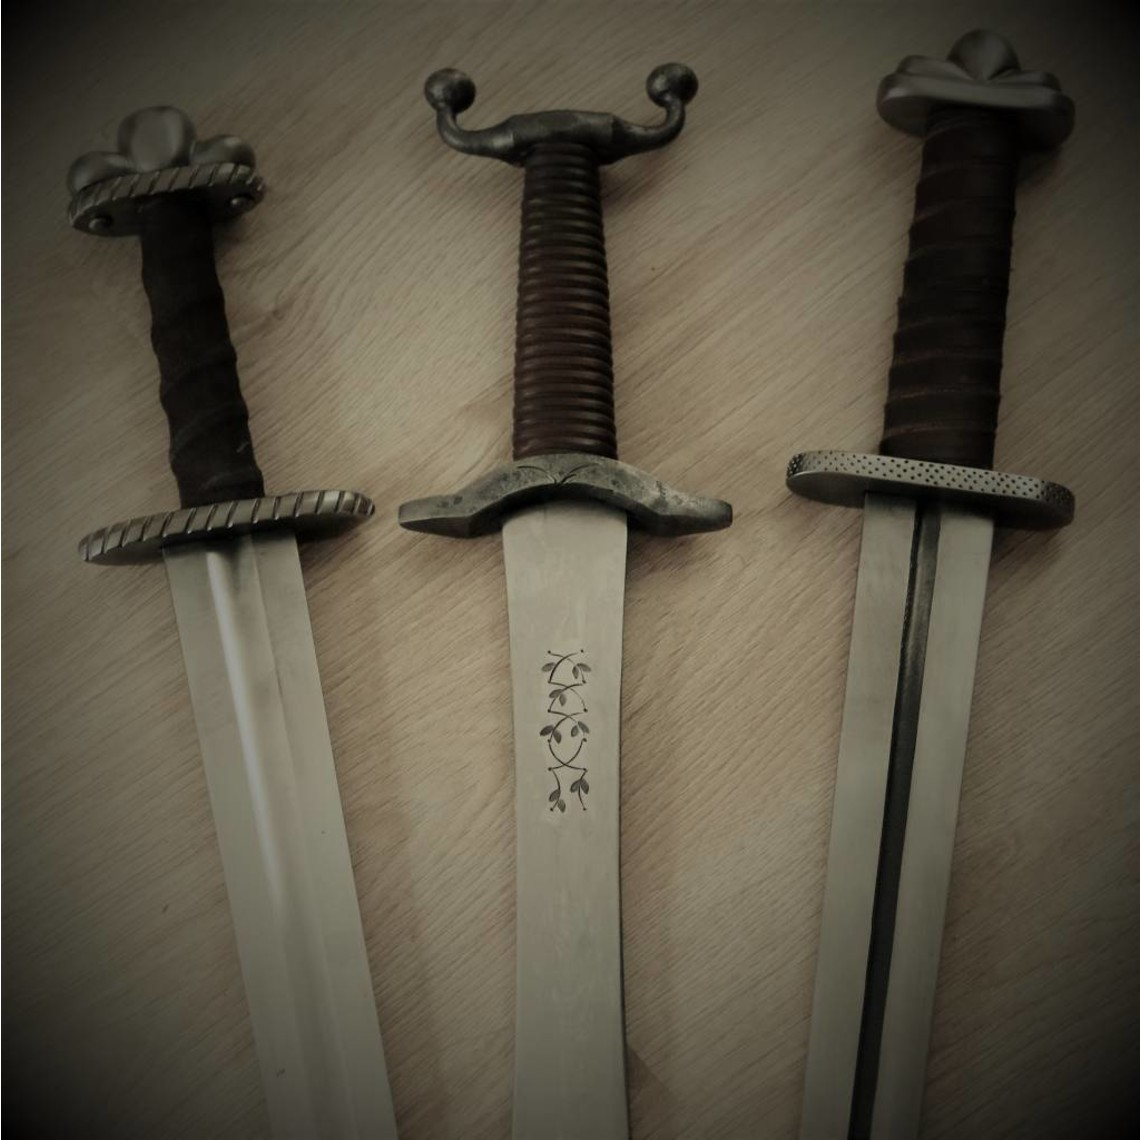 Servicio de afilado para espadas (+ 3 semanas)